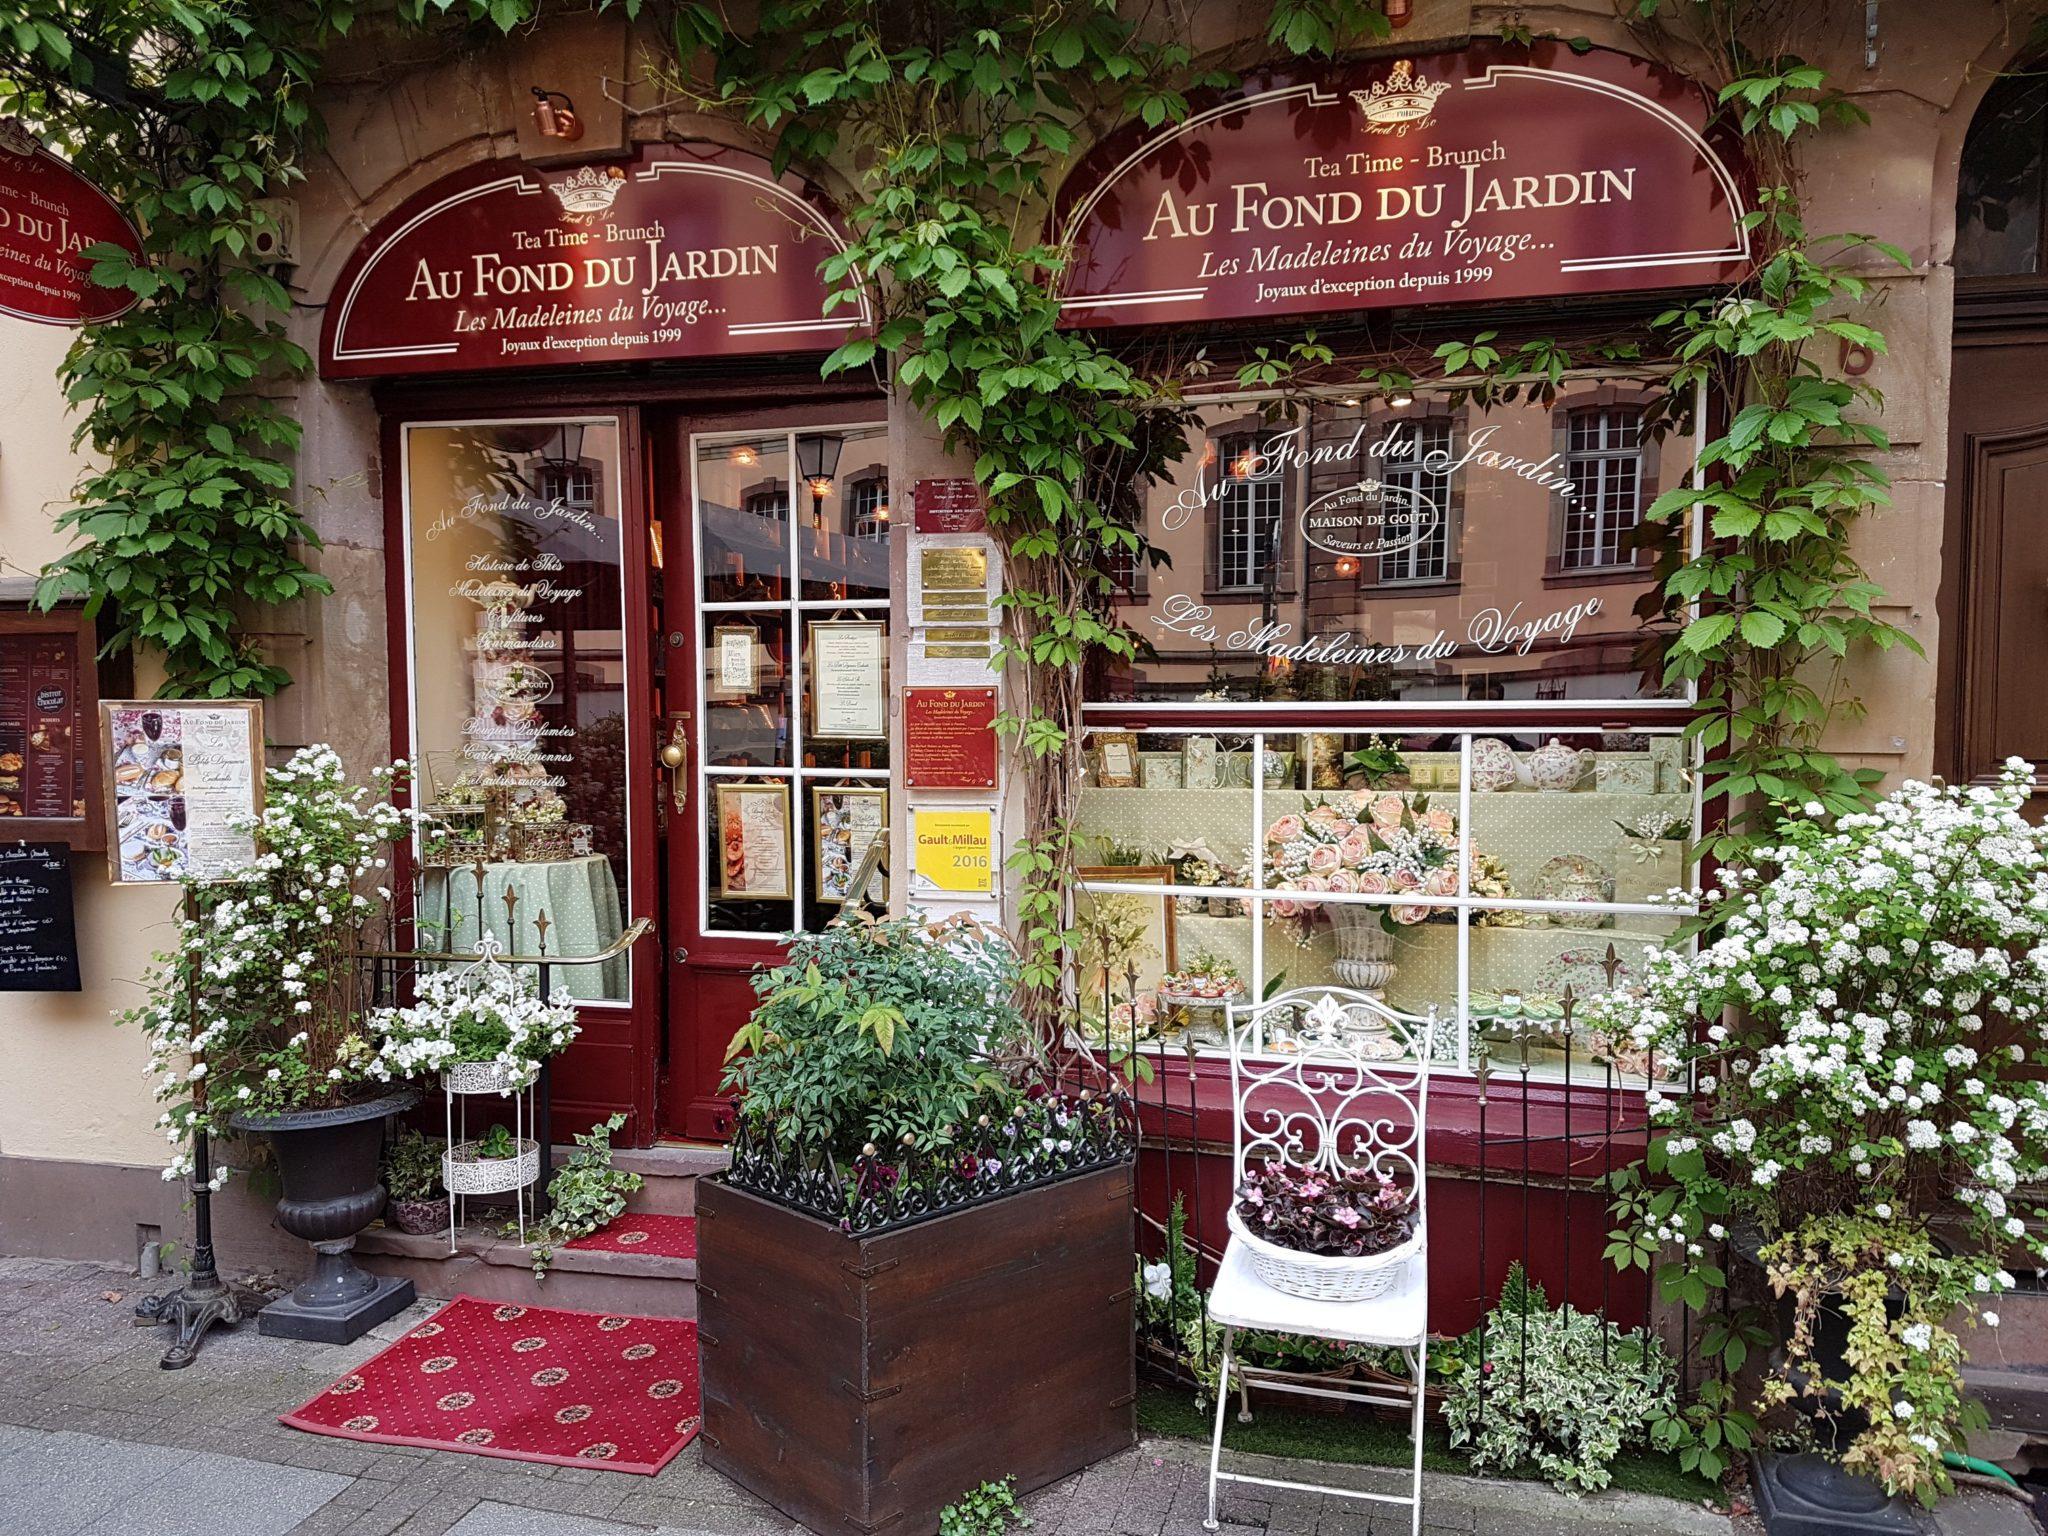 Salon De Jardin Asiatique kapoué test n°126: au fond du jardin, salon de thé raffiné à